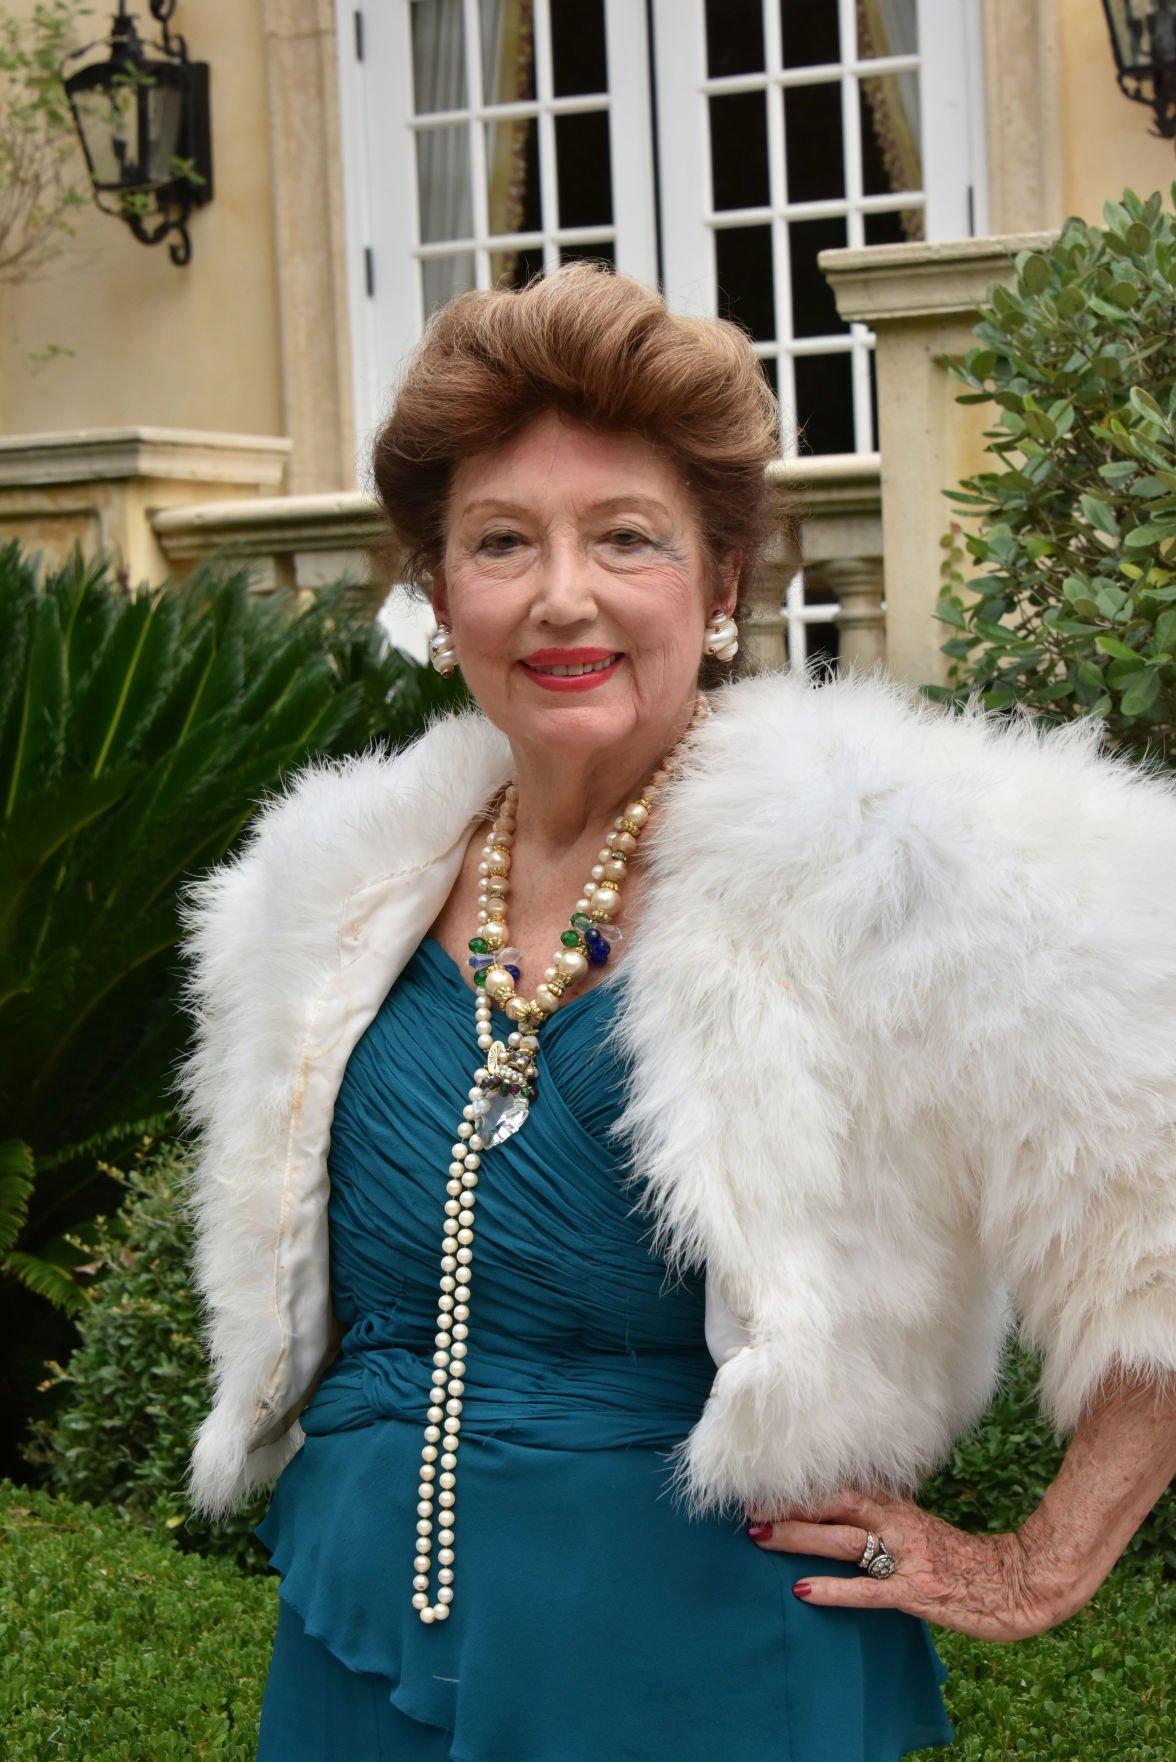 010920_cabaraet1Mildred Huie Wilcox - Cabaret Honorary Chair